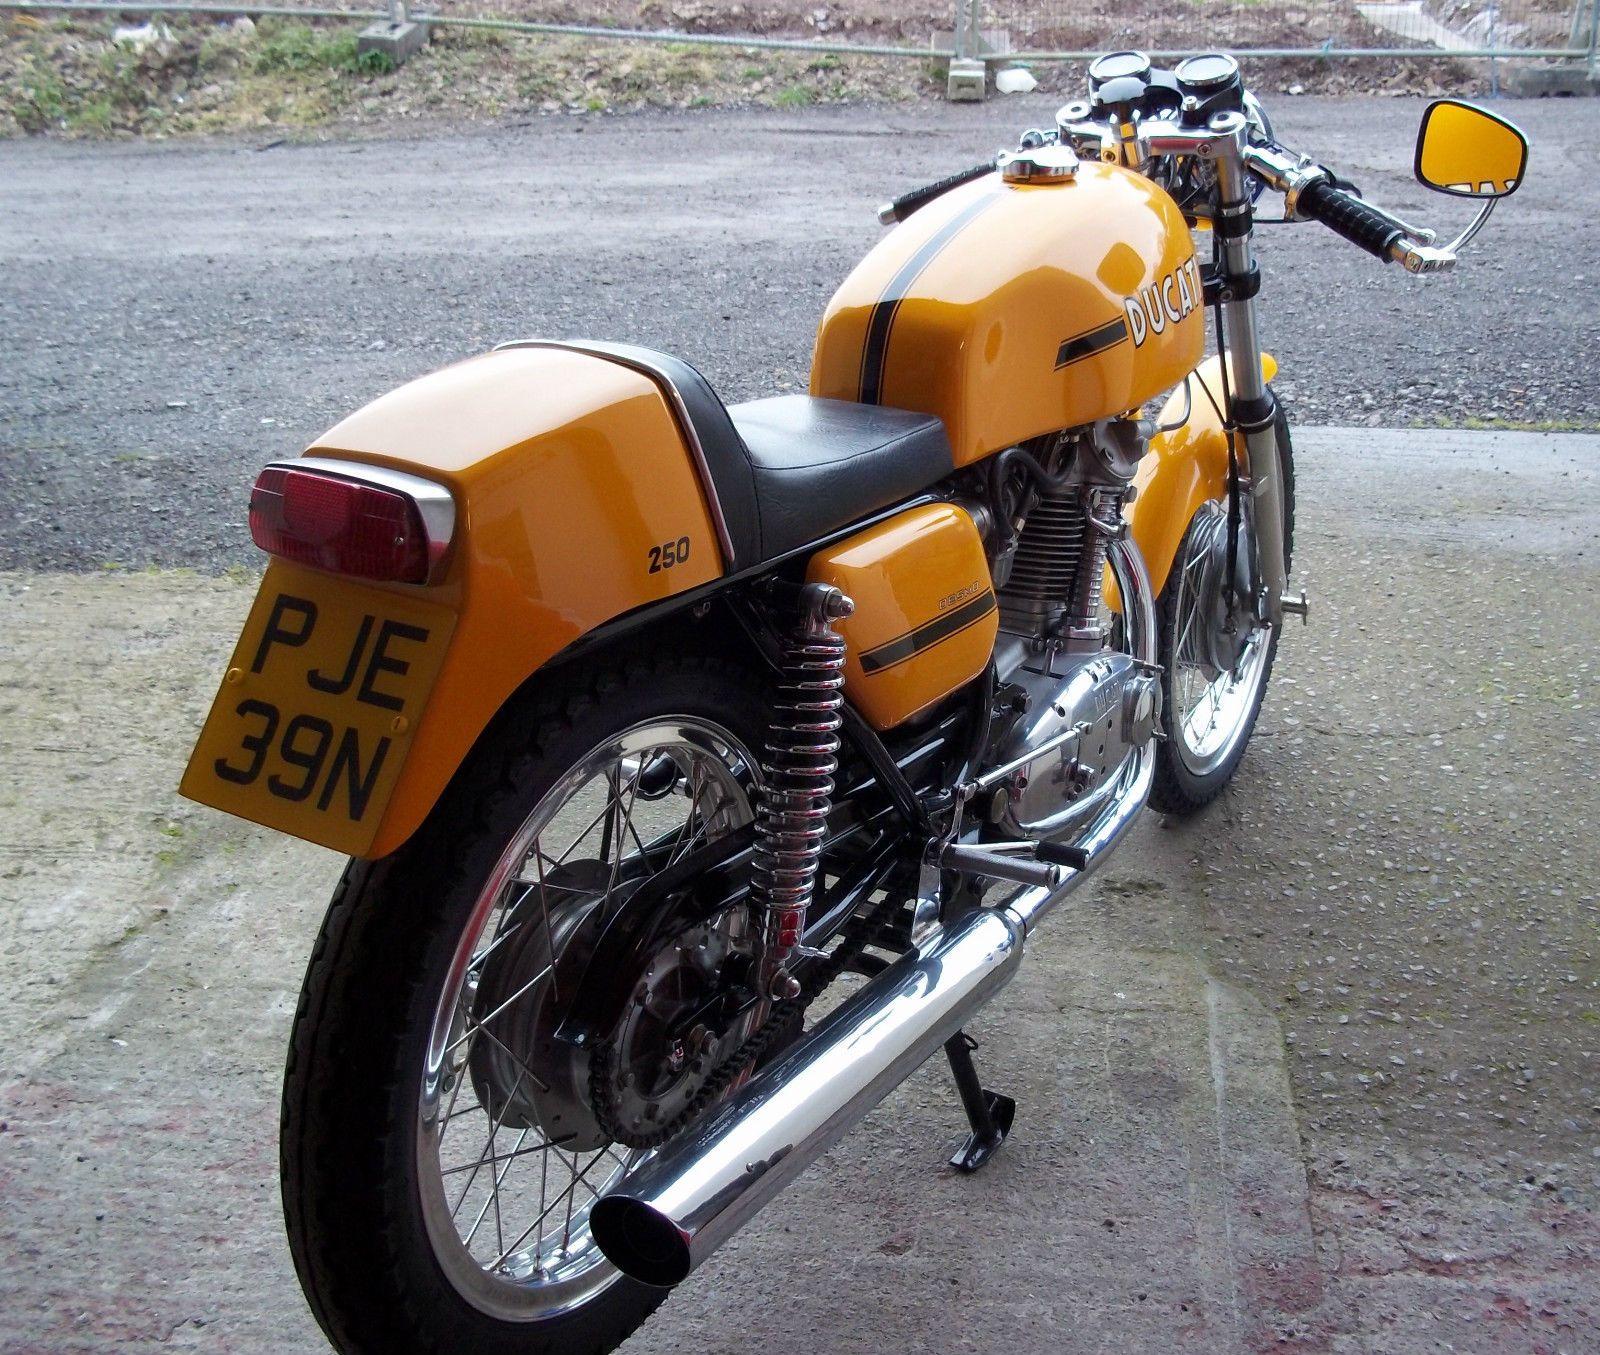 Ducati 250 Desmo 1974 | Ducati, Ducati desmo and Scooters